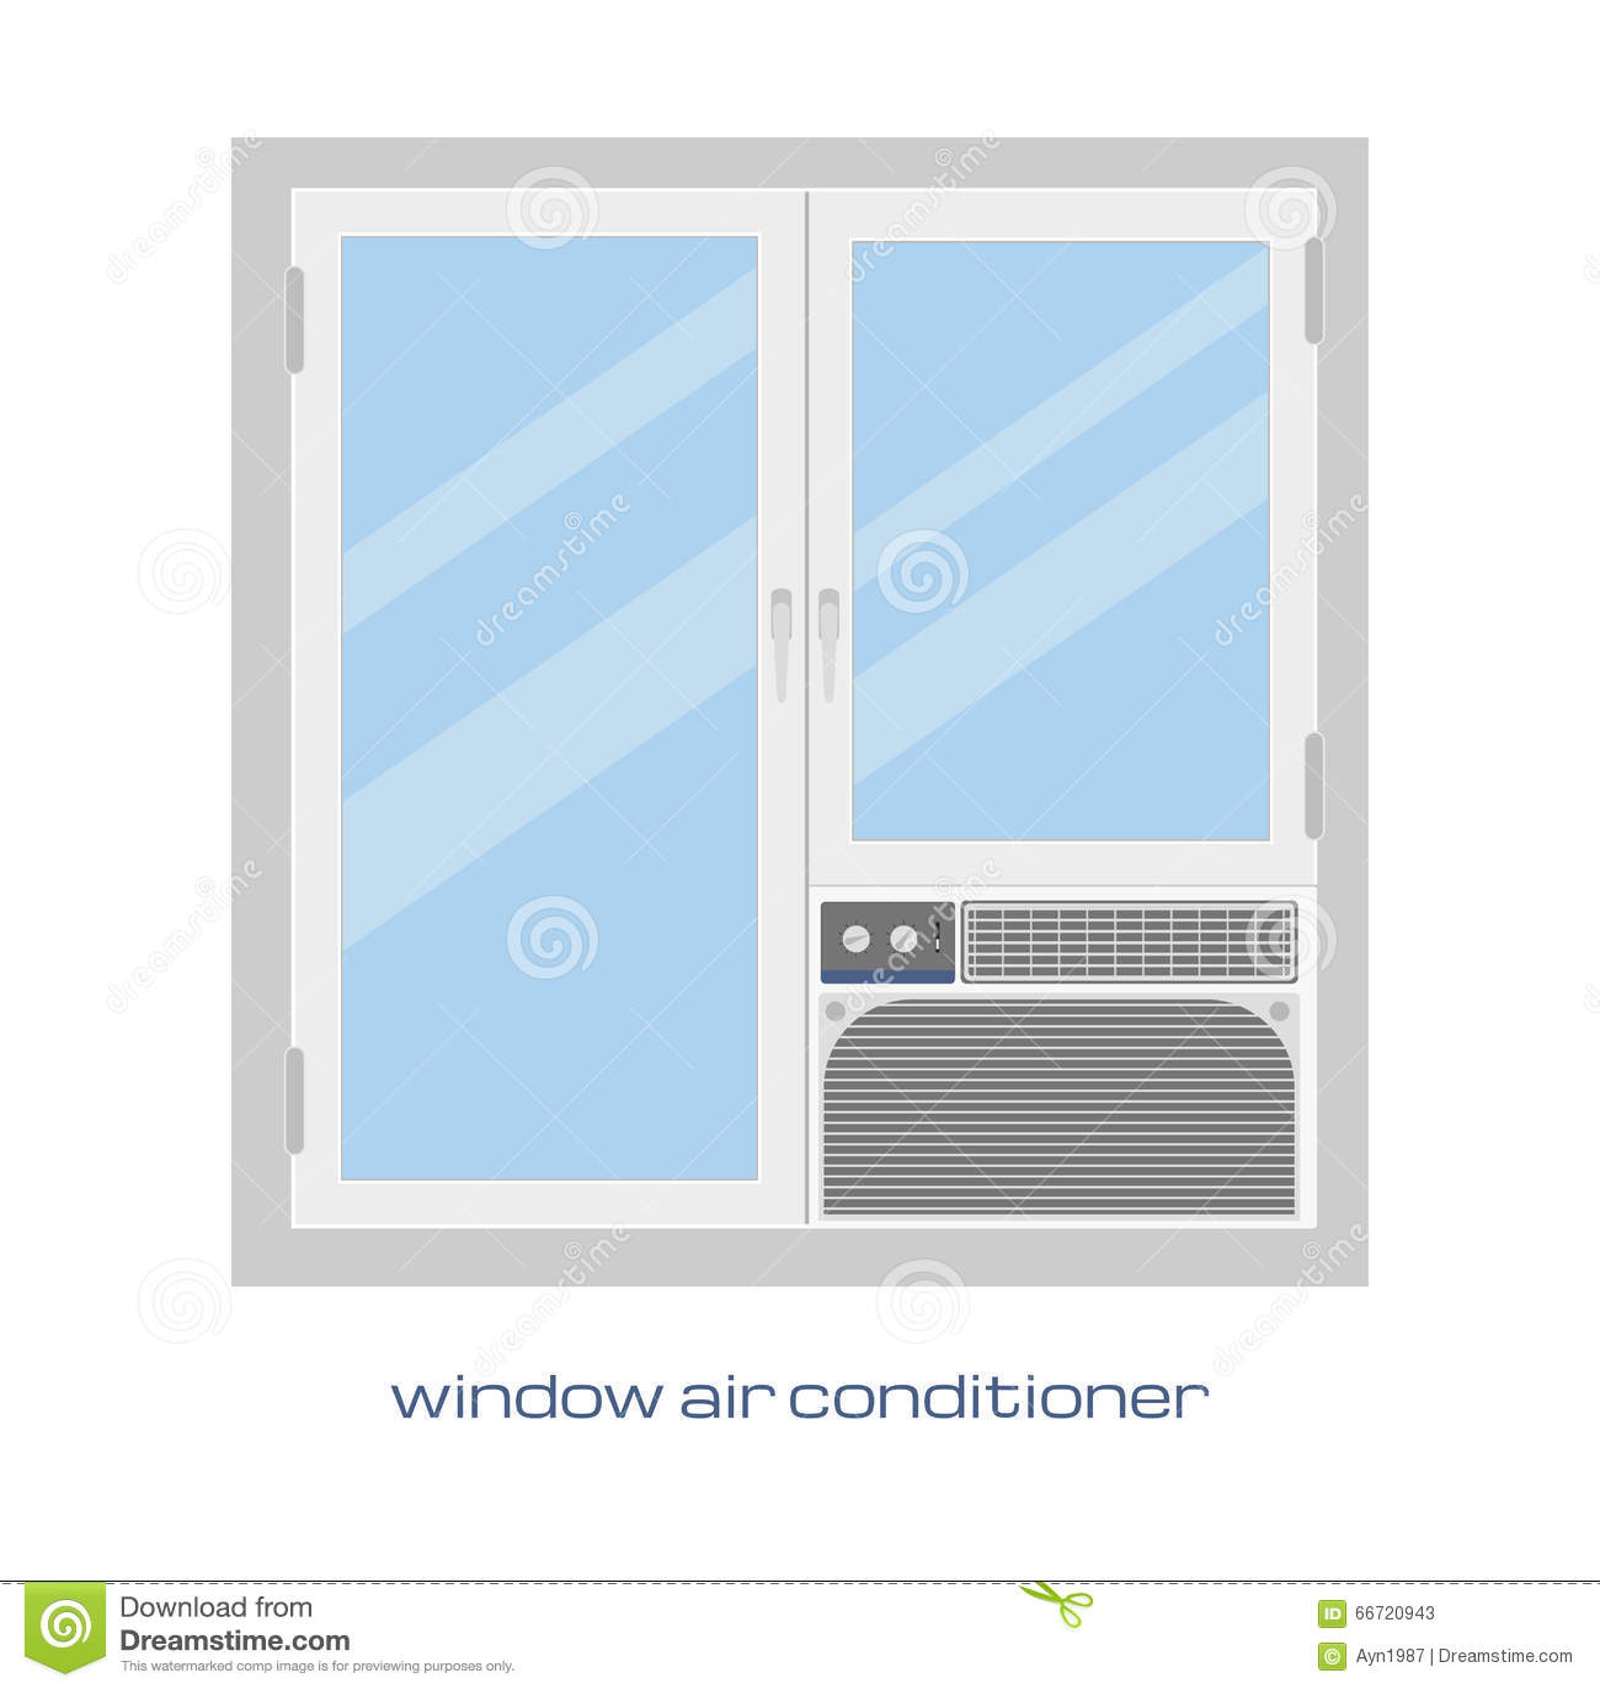 Climatiseur de fen tre image de vecteur climatiseur de for Climatiseur de fenetre danby